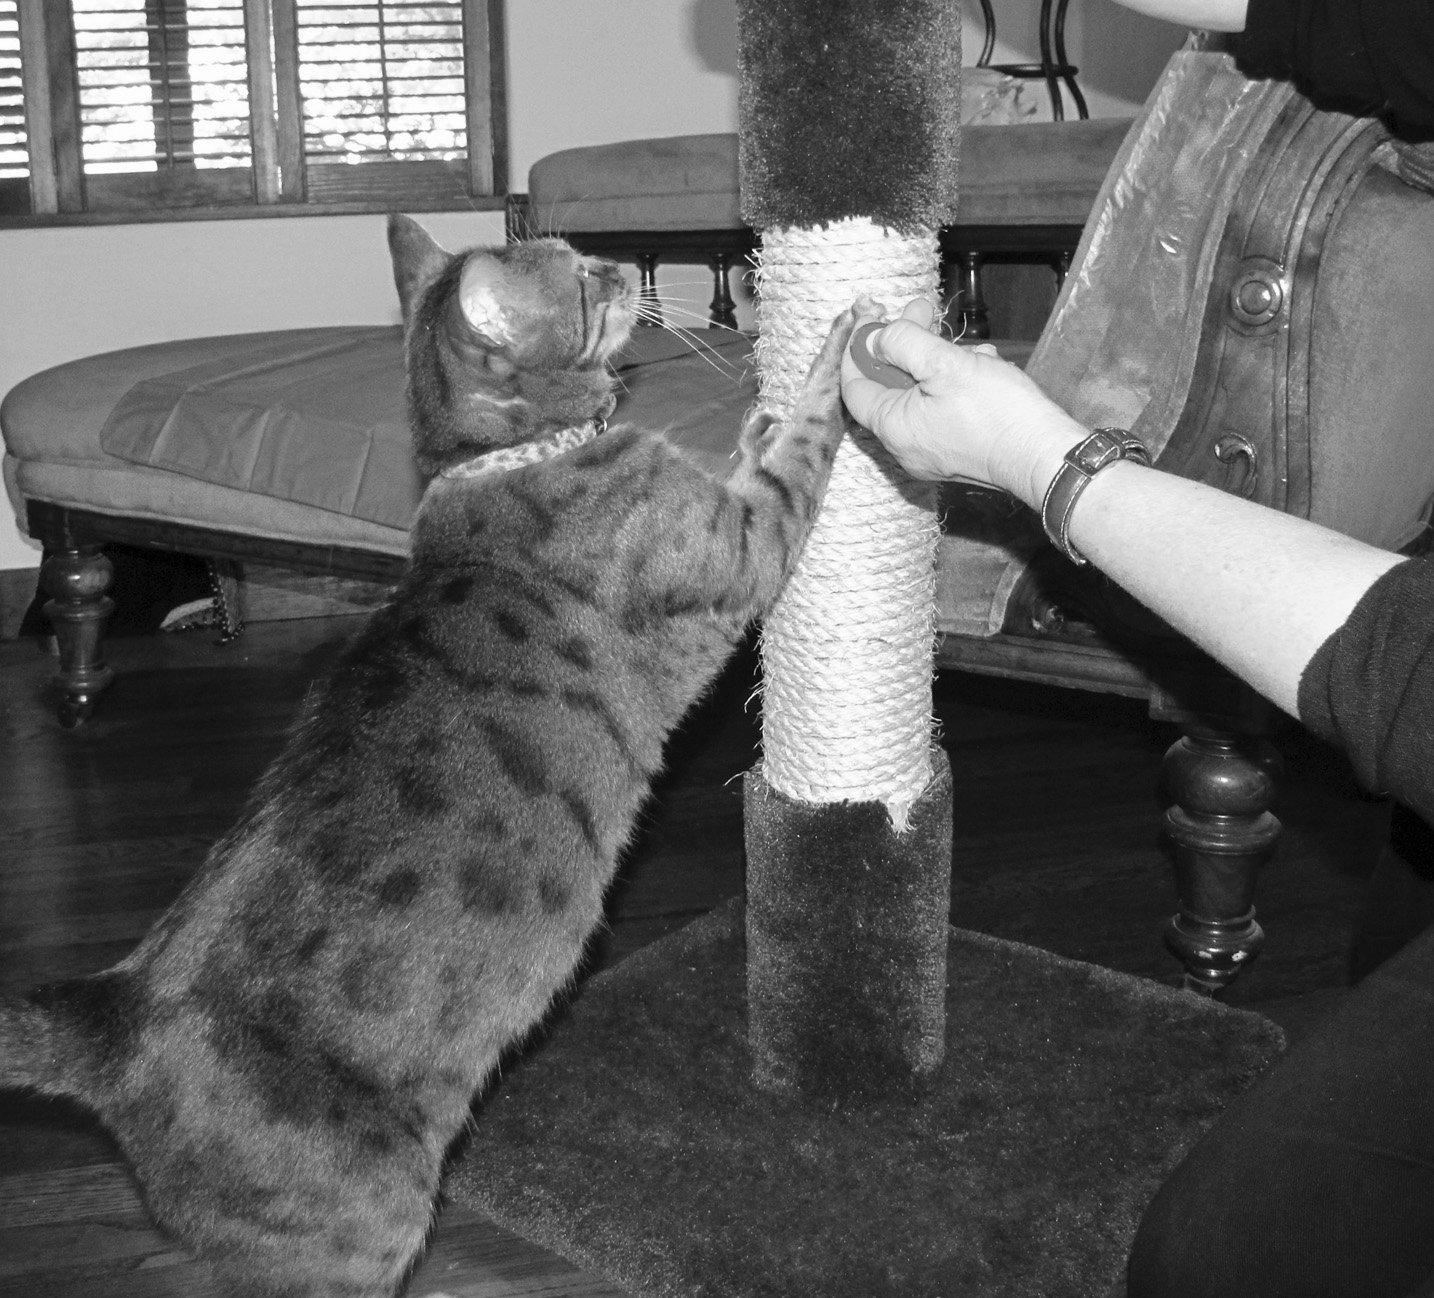 training cat not to scratch furniture